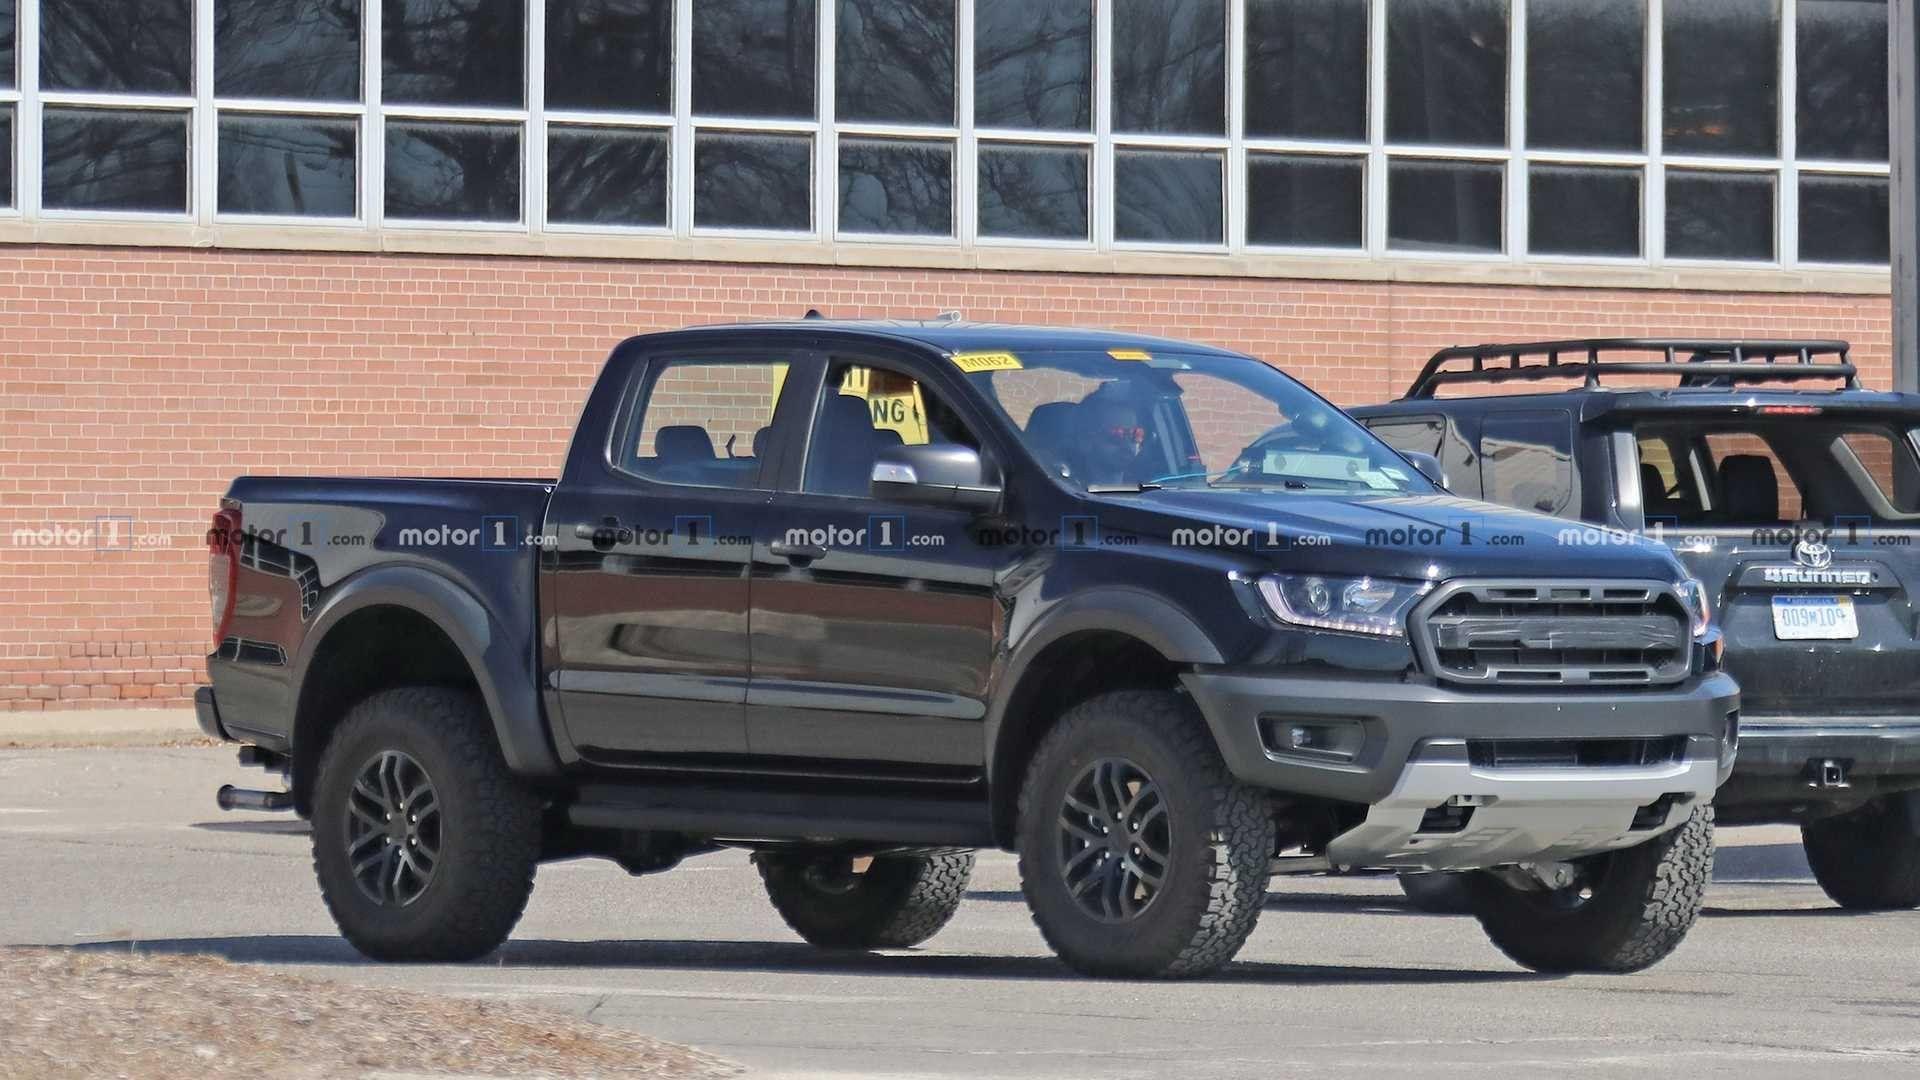 Spy Shots ford F350 Diesel Rumors in 2020 | Ford ranger ...